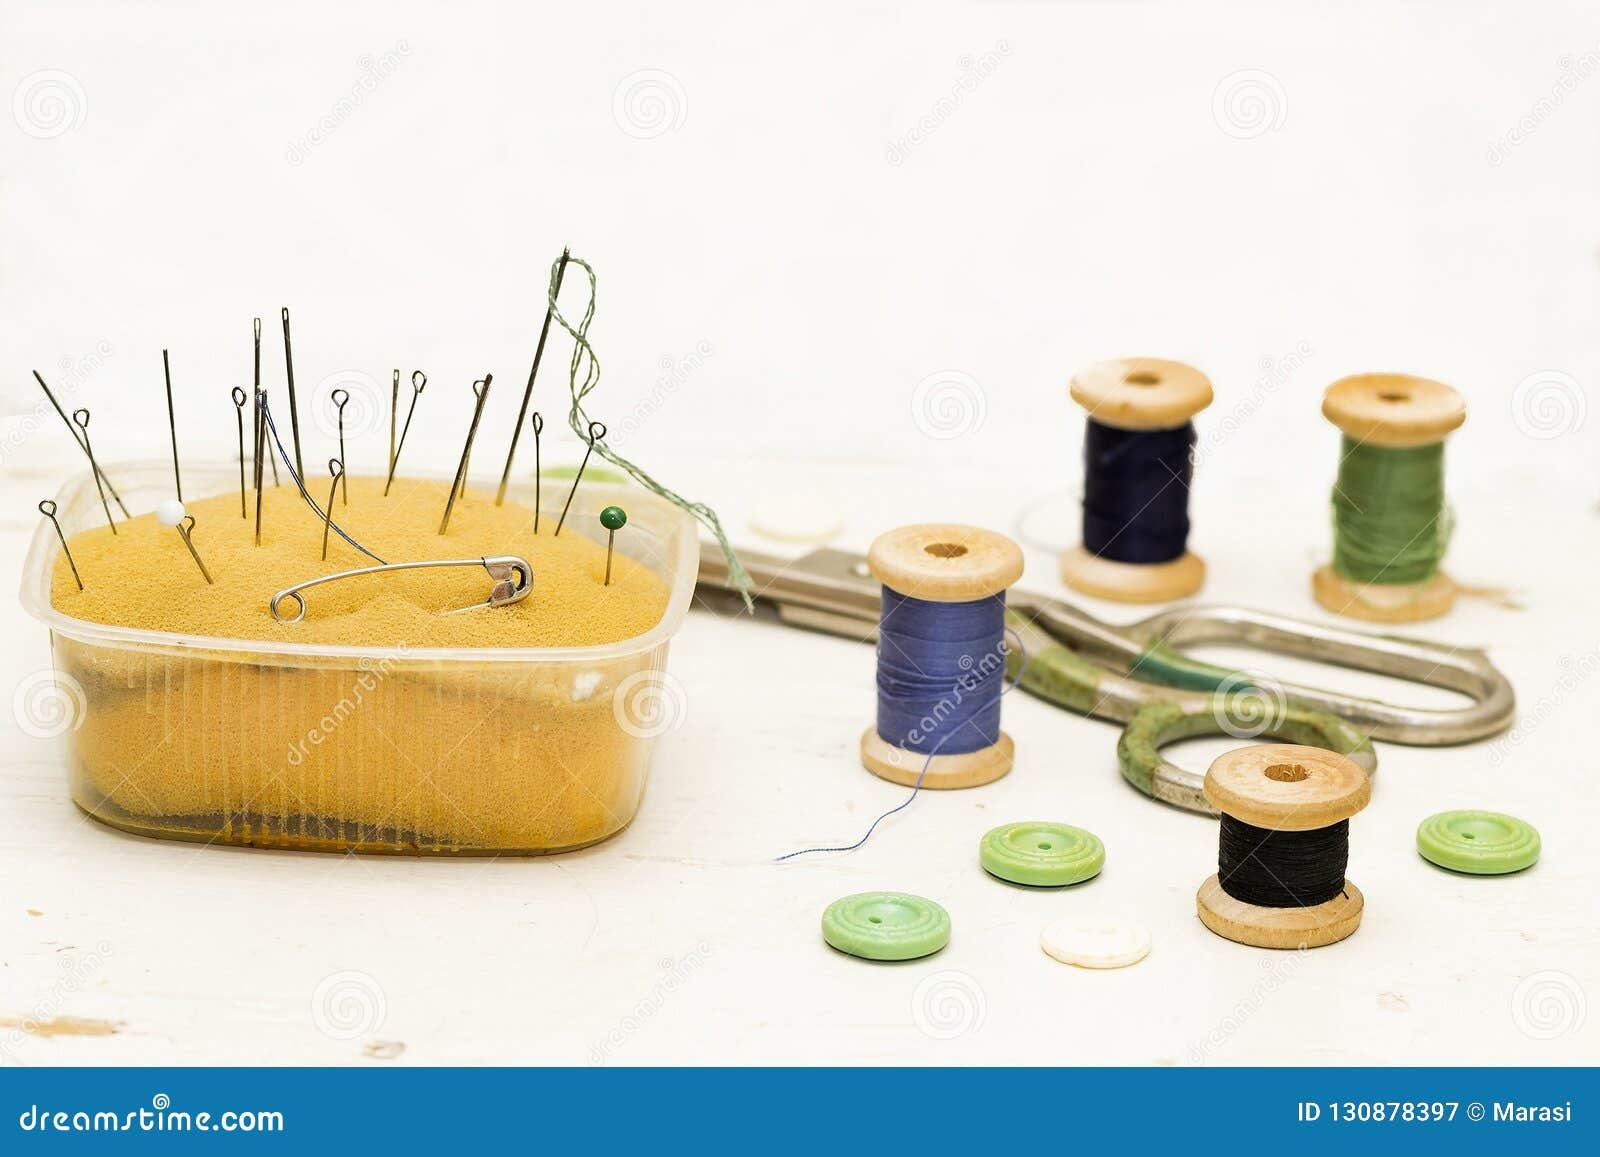 Stare ośniedziałe, metal igły, szpilki, nożyce i drewniane cewy th,